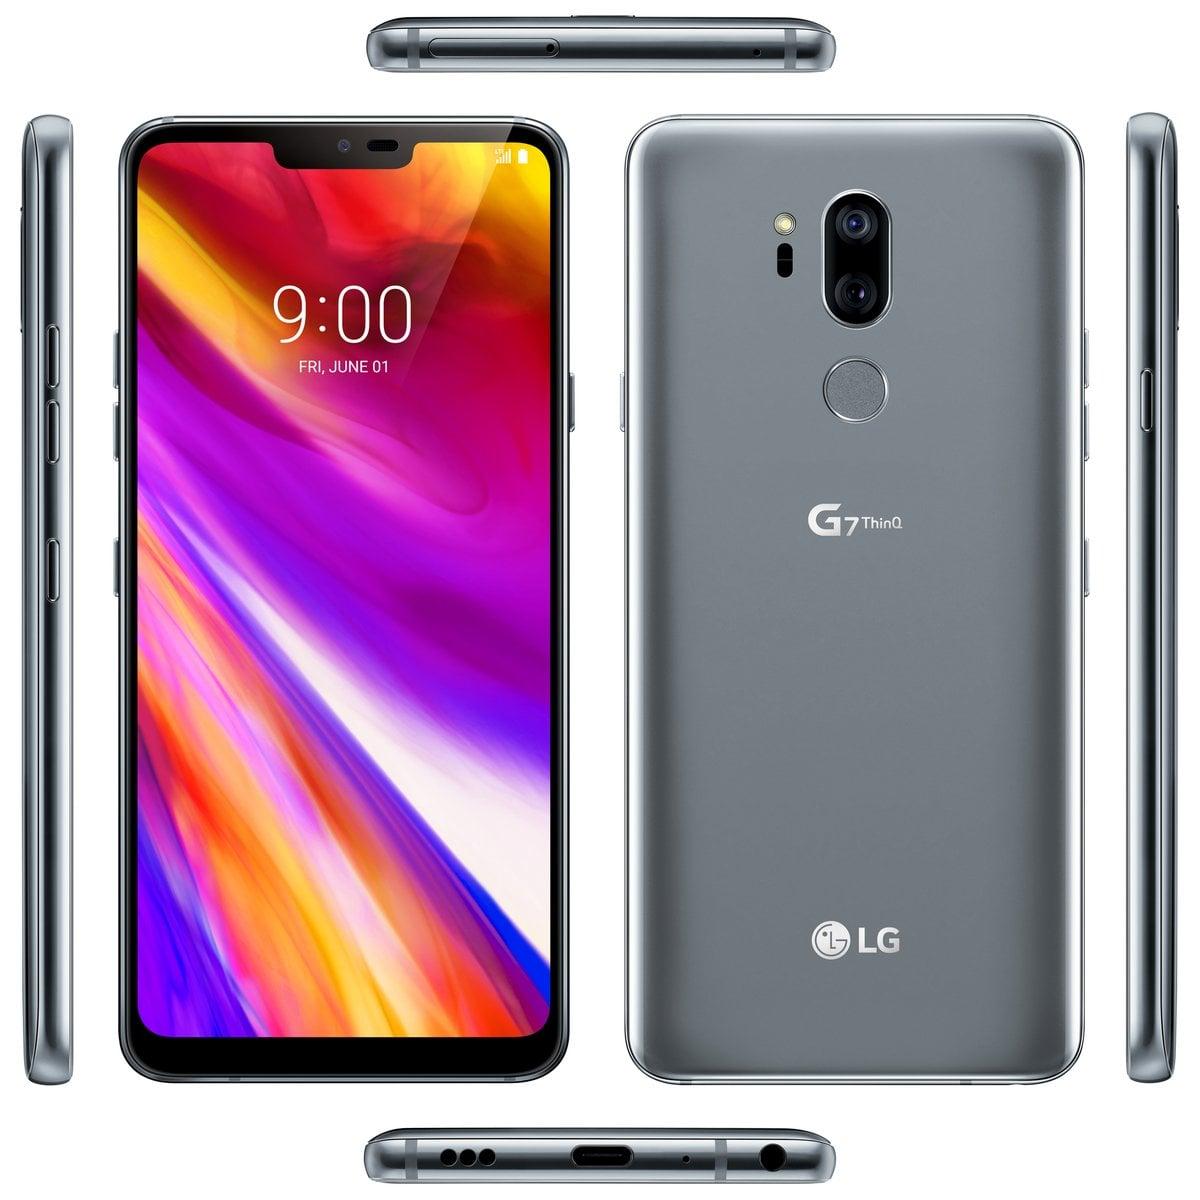 Zadebiutował LG G7 ThinQ. Czy warto było poczekać nieco dłużej na nowego flagowca LG?